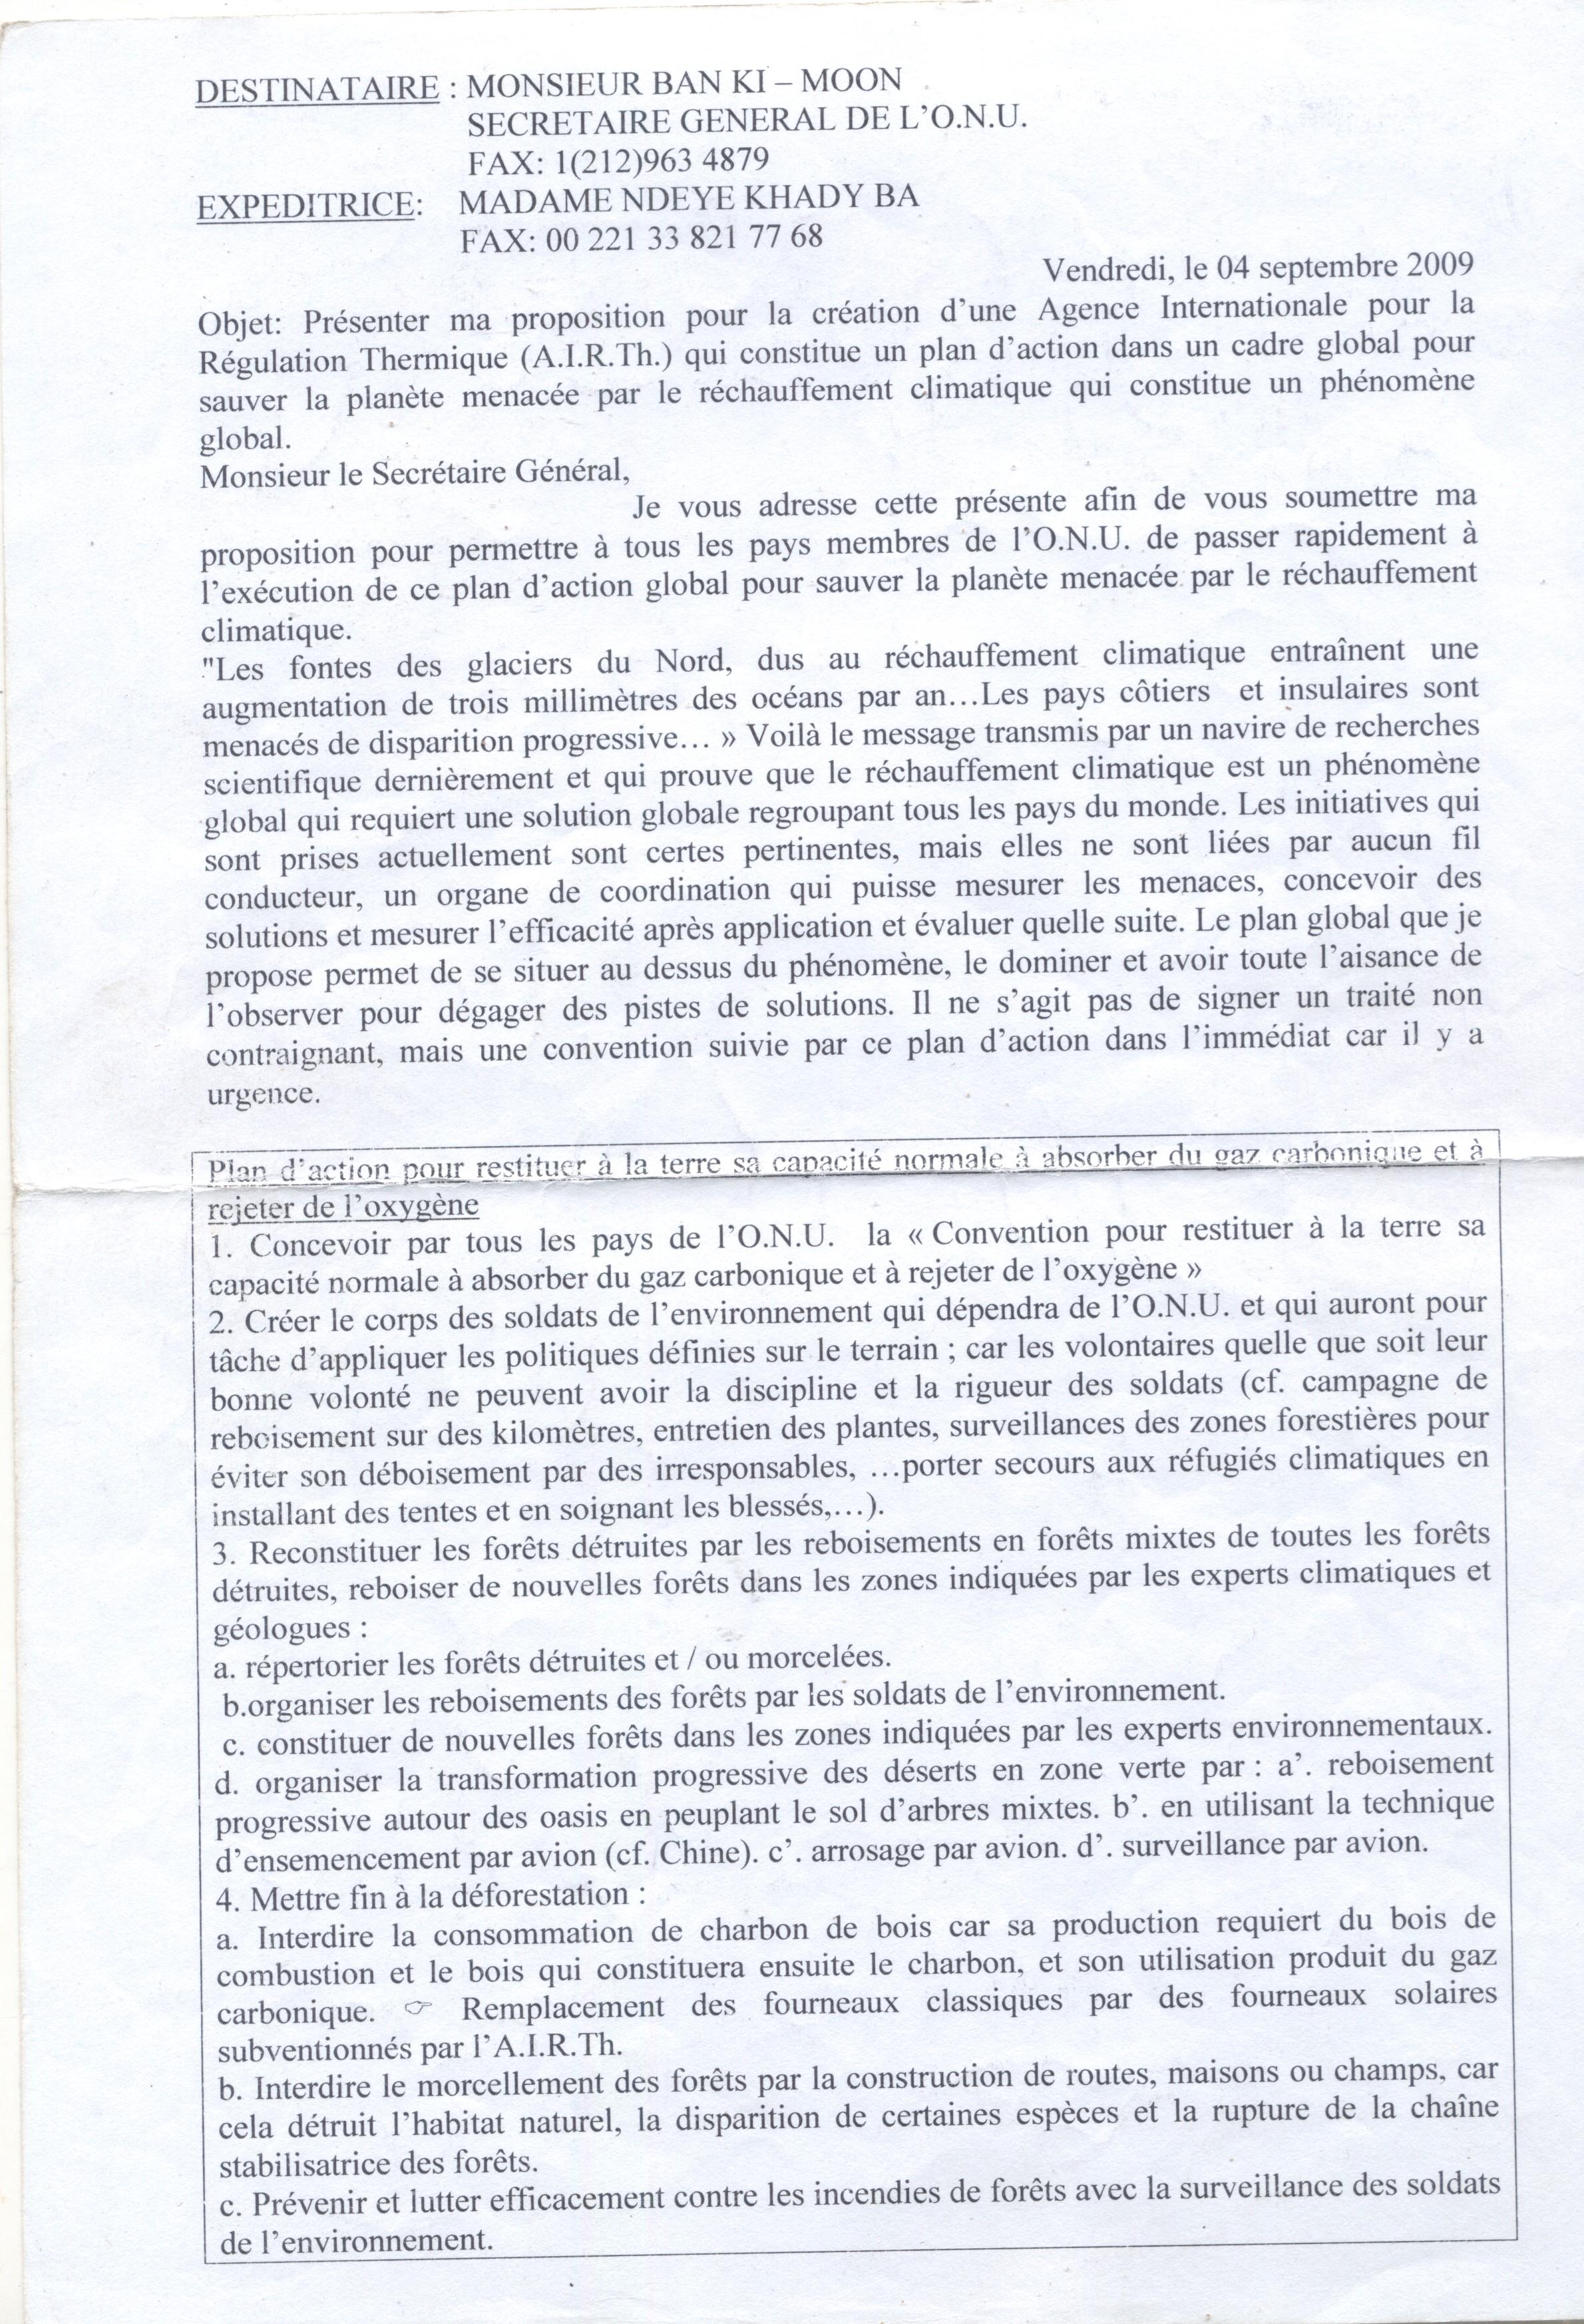 APPORTER AU NOUVEAU  PRÉSIDENT CHINOIS XI JINPING QUELQUES RECOMMANDATIONS IMPÉRATIVES POUR LA JUSTICE, LA PAIX ET LA SÉCURITÉ EN CHINE, ENTRE LA CHINE ET SES VOISINS DIRECTS, ENTRE LA CHINE ET LES AUTRES PAYS DU MONDE . sanstitrenumrisation021